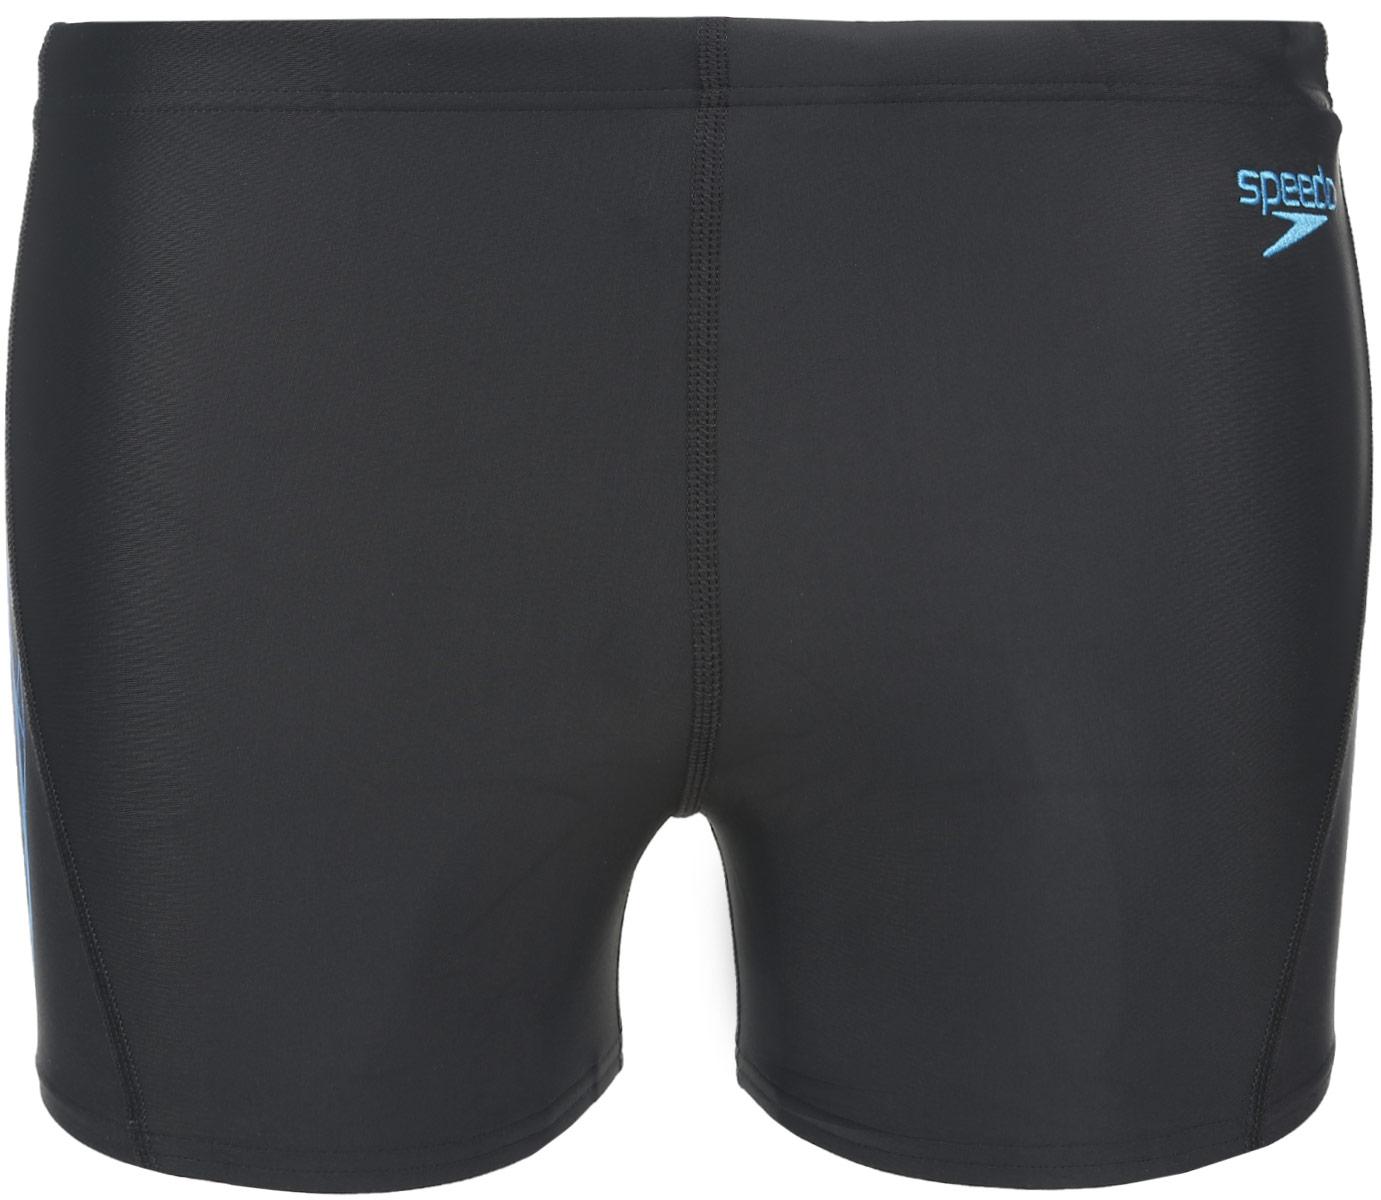 Плавки8-09196A831-A831Спортивные плавки-шорты с контрастным абстрактным принтом, выполнены из ткани Endurance10, которая в 10 раз более устойчива к разрушающему воздействию хлора, чем обычные ткани с эластаном и спандексом. Оформлены логотипом бренда. Длина бокового шва - 27 см.